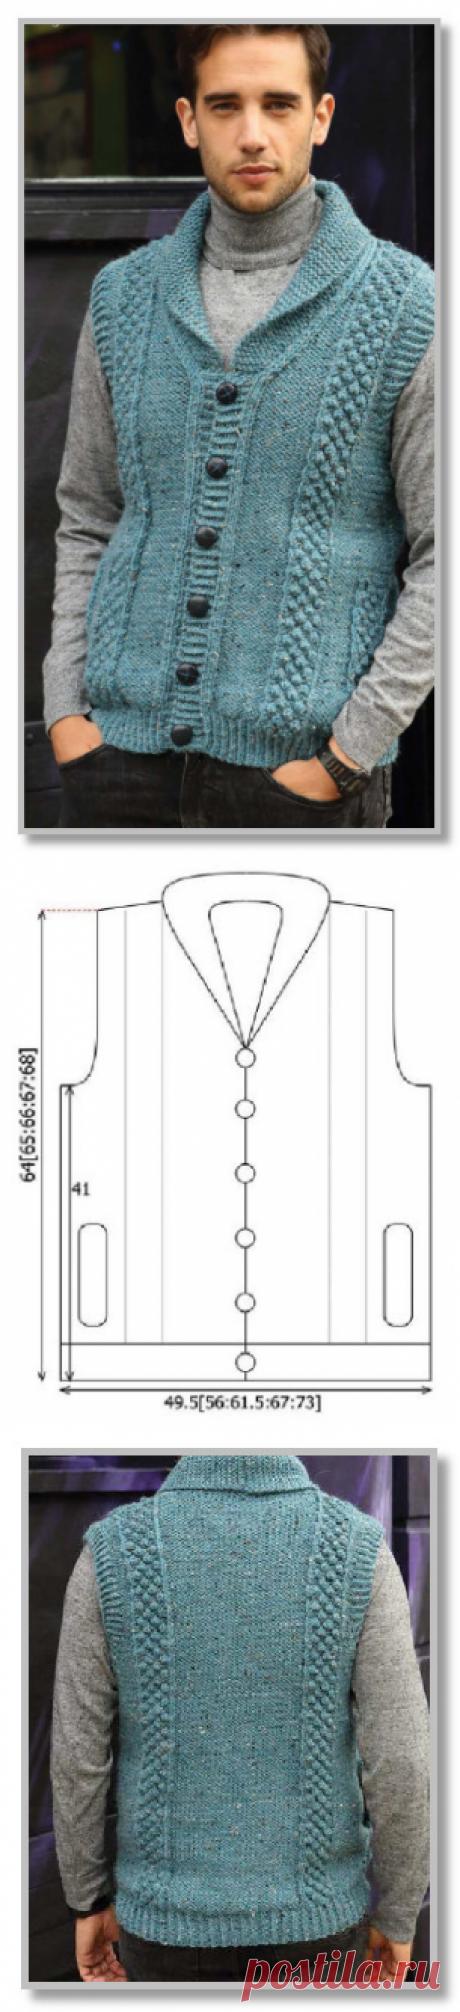 Вязание спицами. Описание мужской модели со схемой и выкройкой. Однотонный жилет на пуговицах, с шалевым воротнитком. Размеры: S[M:L:XL:2XL]